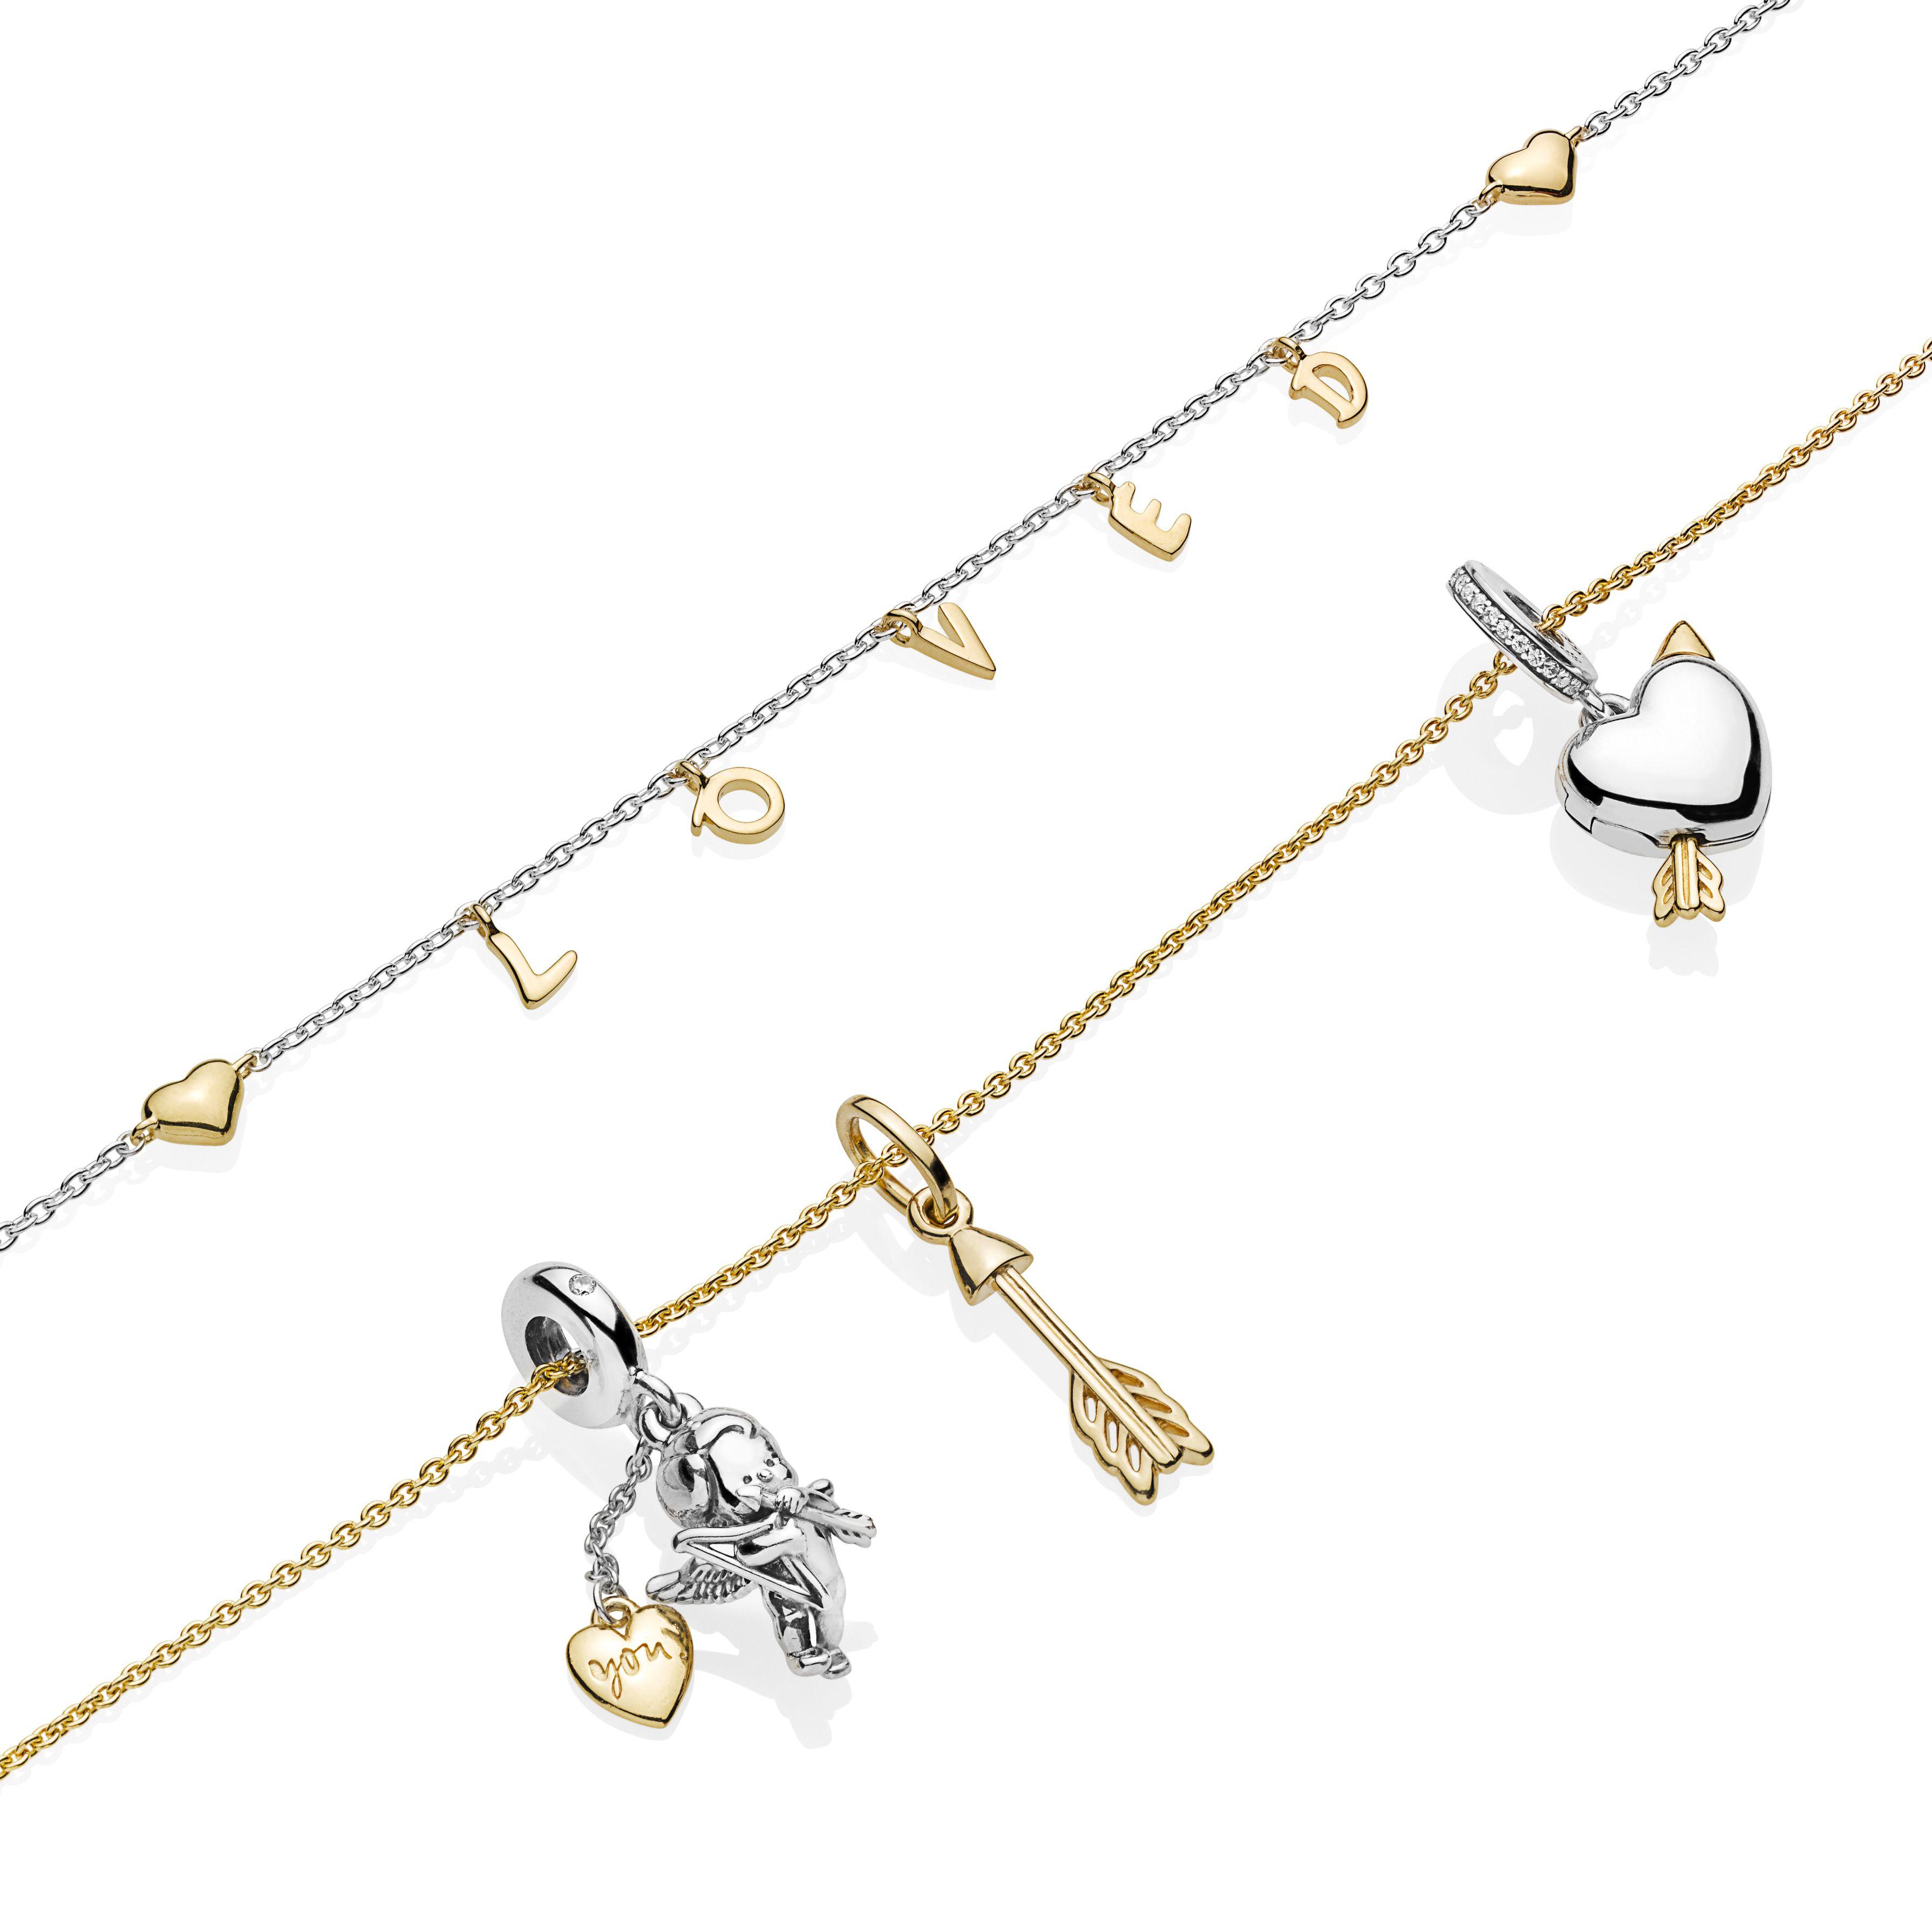 Pandora, Pandora情人節系列, Pandora首飾, 情人節, 情人節推薦, 珠寶, 送禮小物, 飾品, 飾品推薦,戒指,串飾